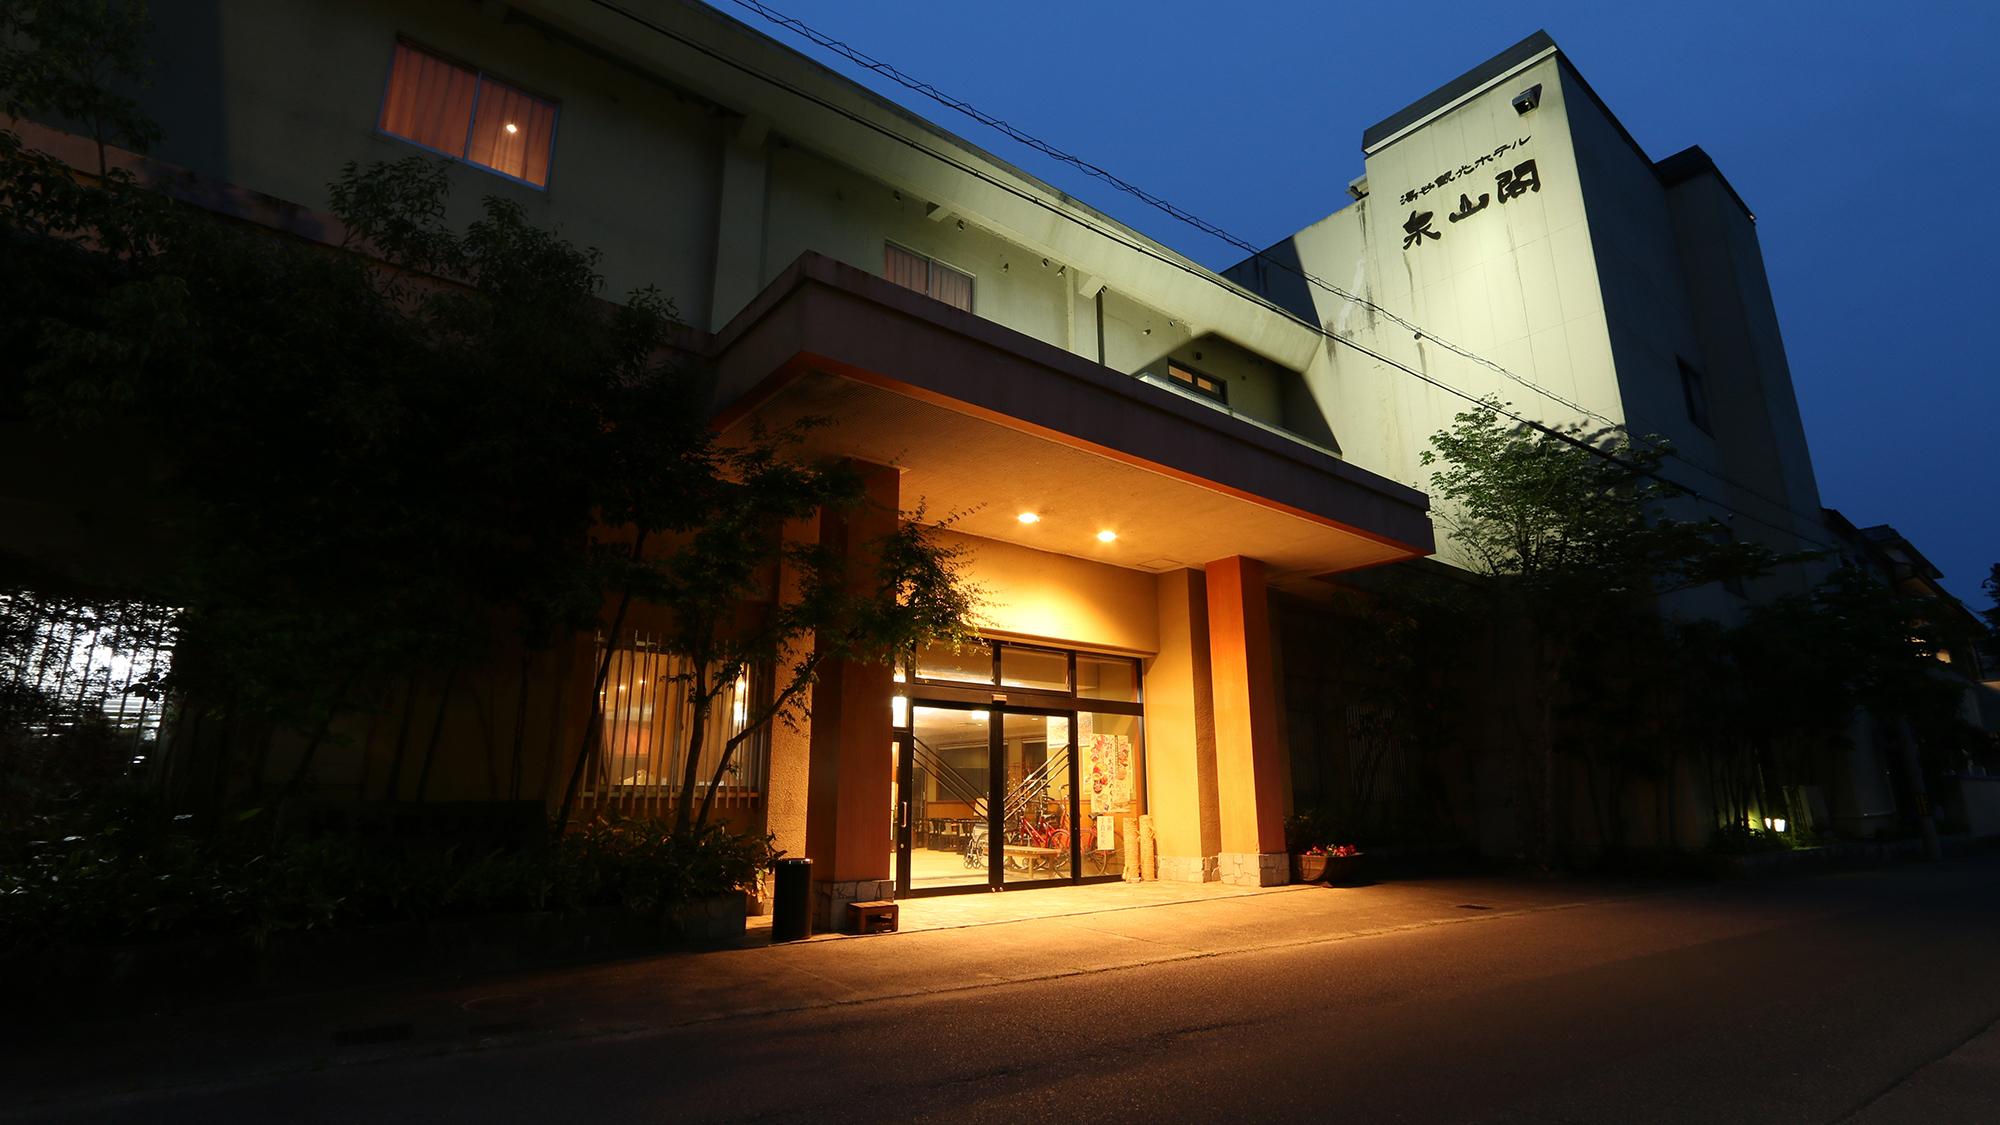 湯谷観光ホテル泉山閣 image